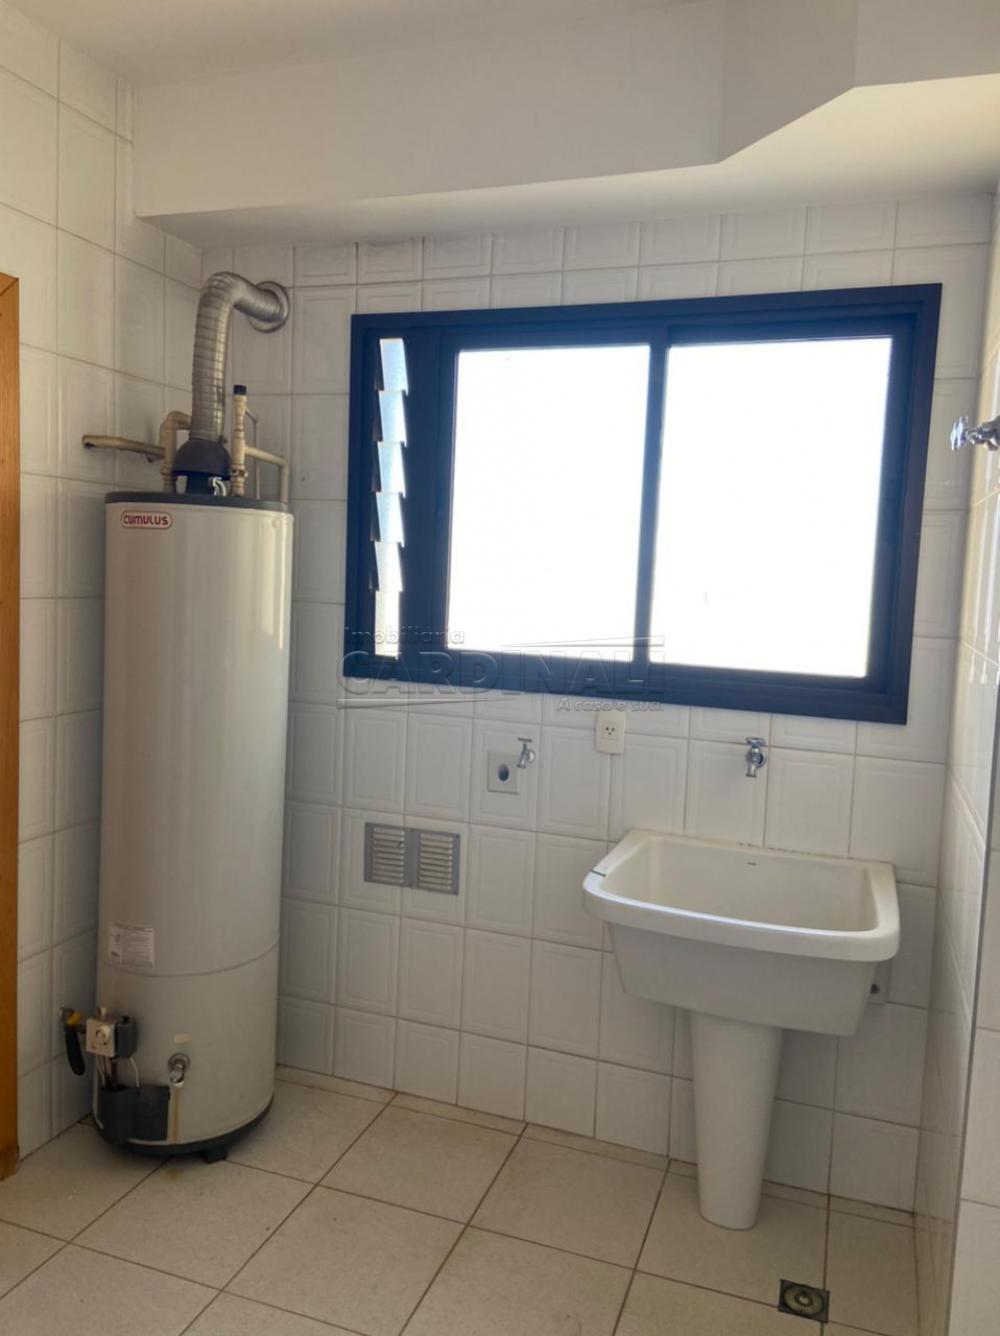 Alugar Apartamento / Padrão em São Carlos R$ 1.778,00 - Foto 15